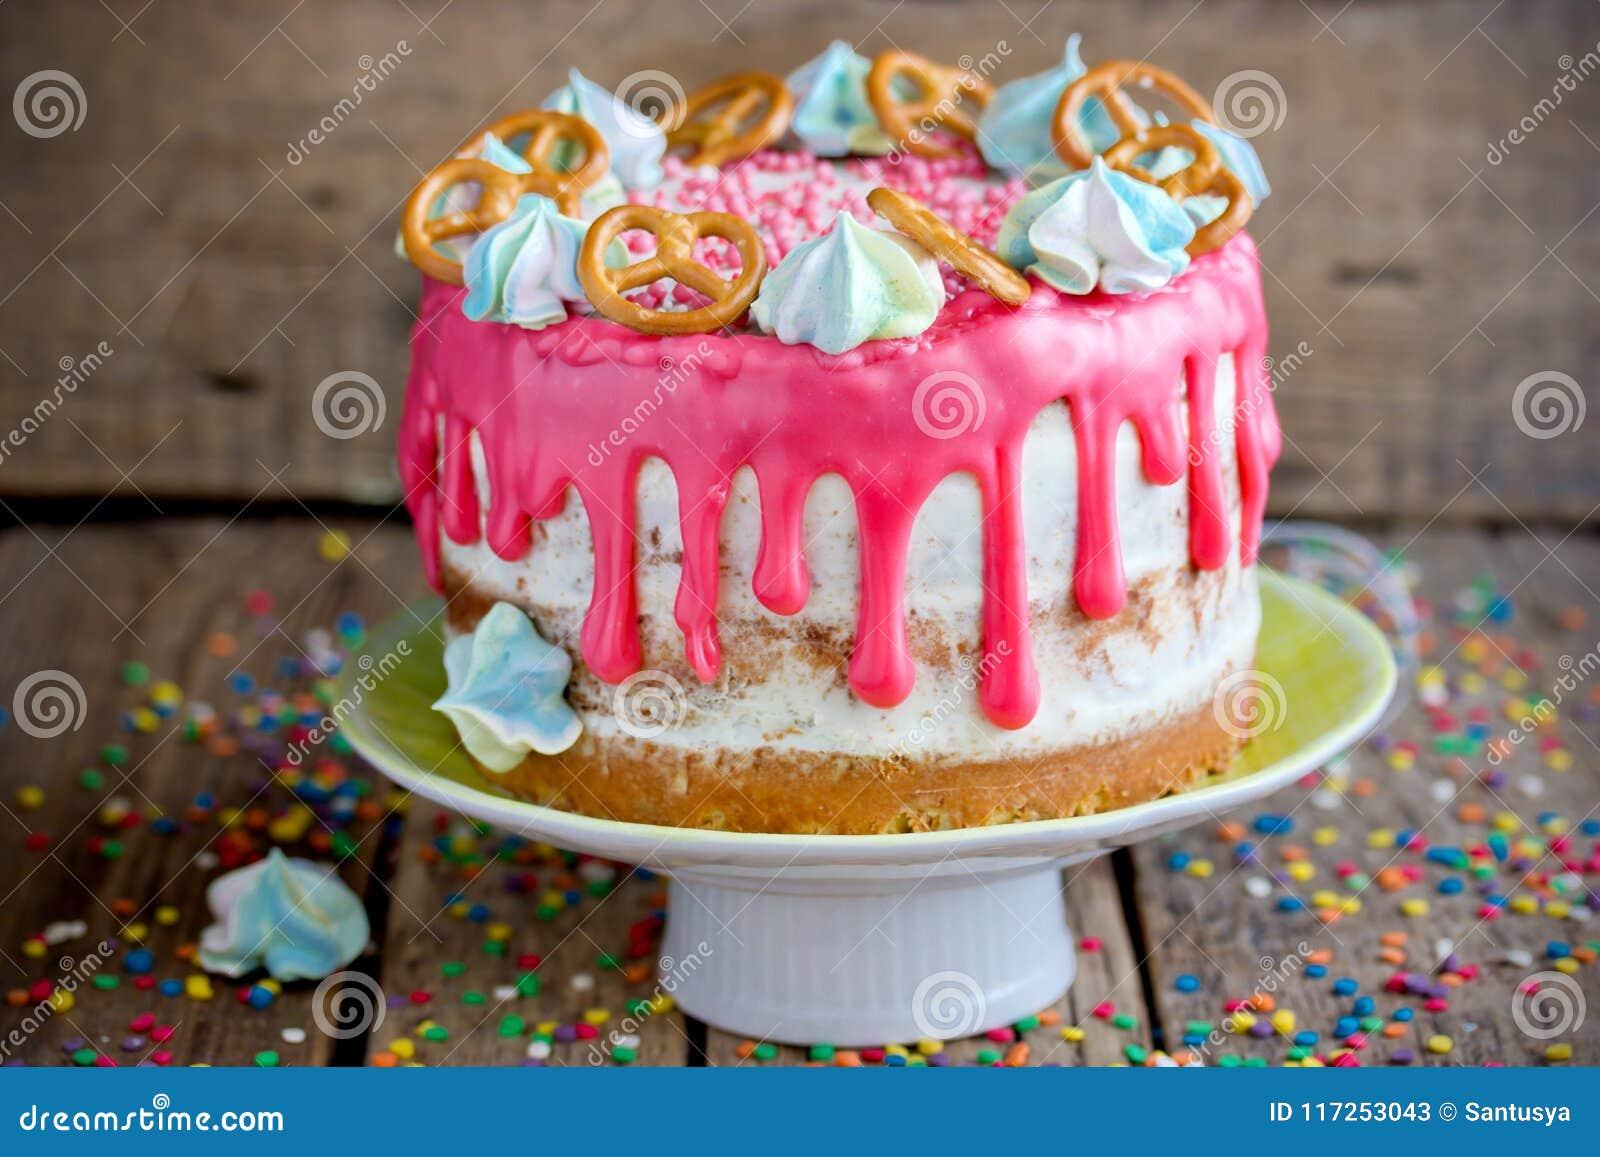 Schoner Kuchen Verziert Mit Rosa Schokoladenflecken Und Meringe